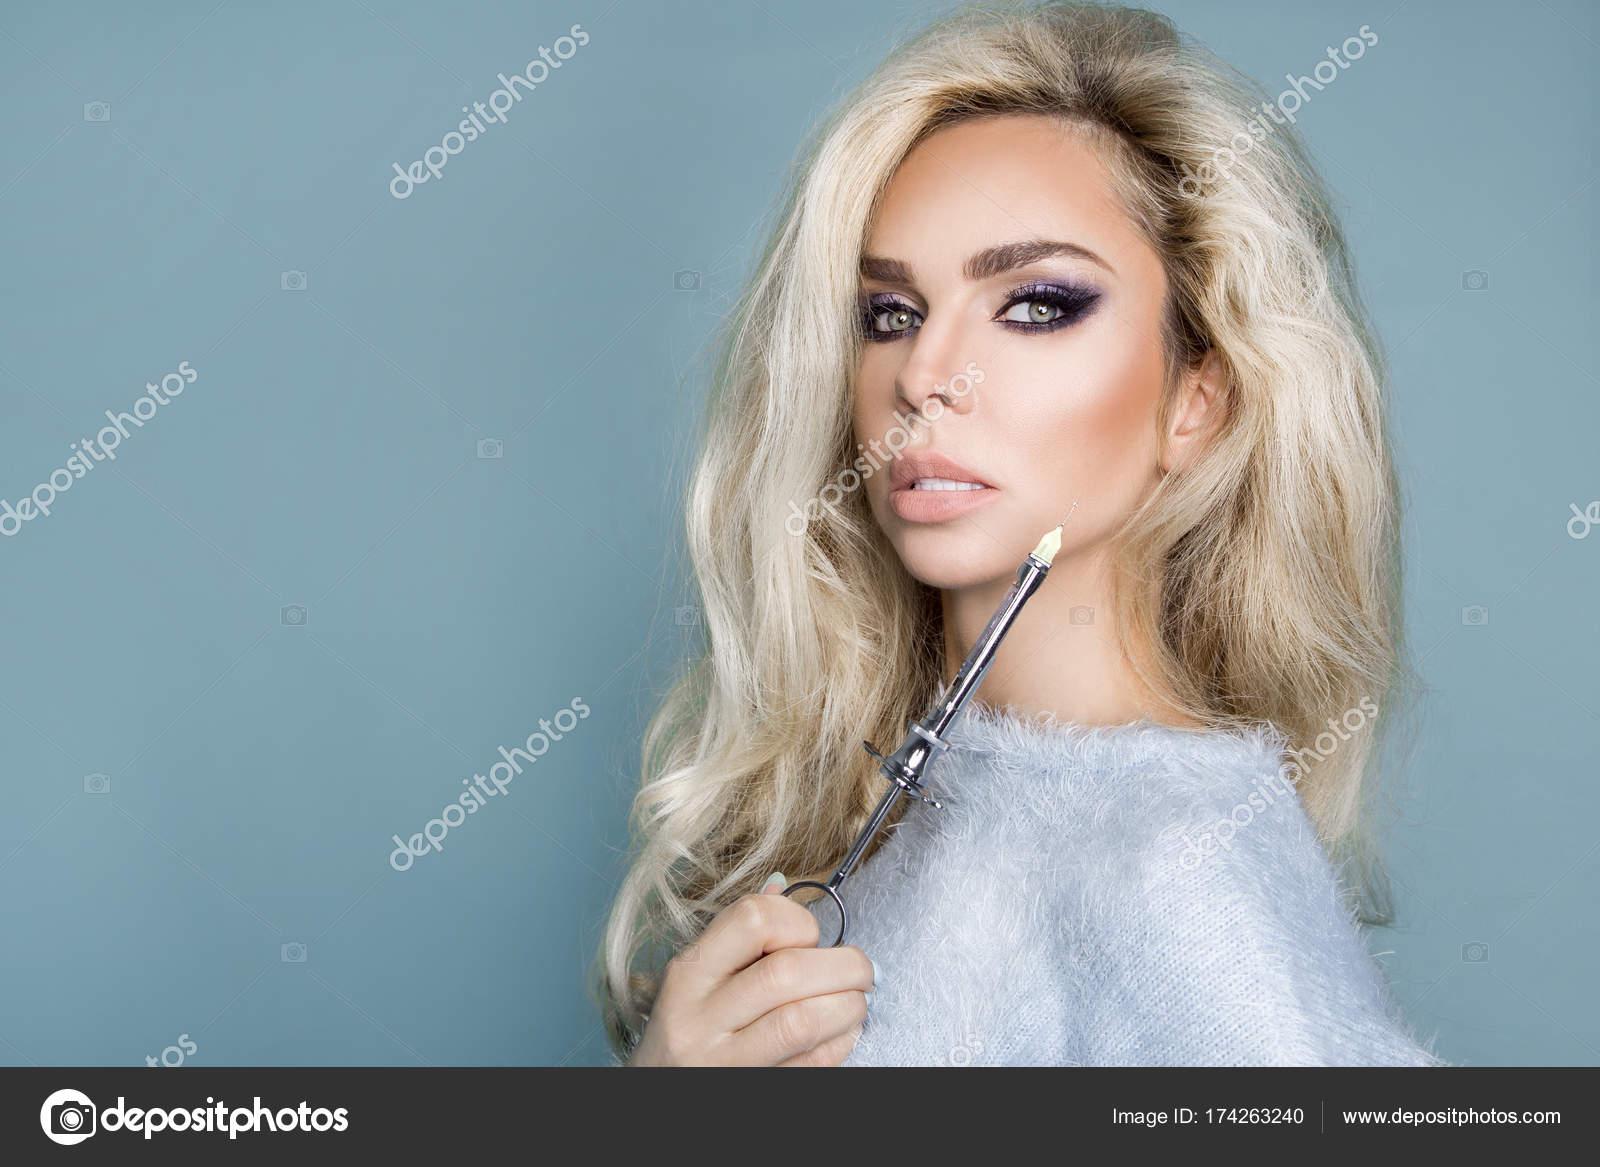 Сексуальные портреты моделей